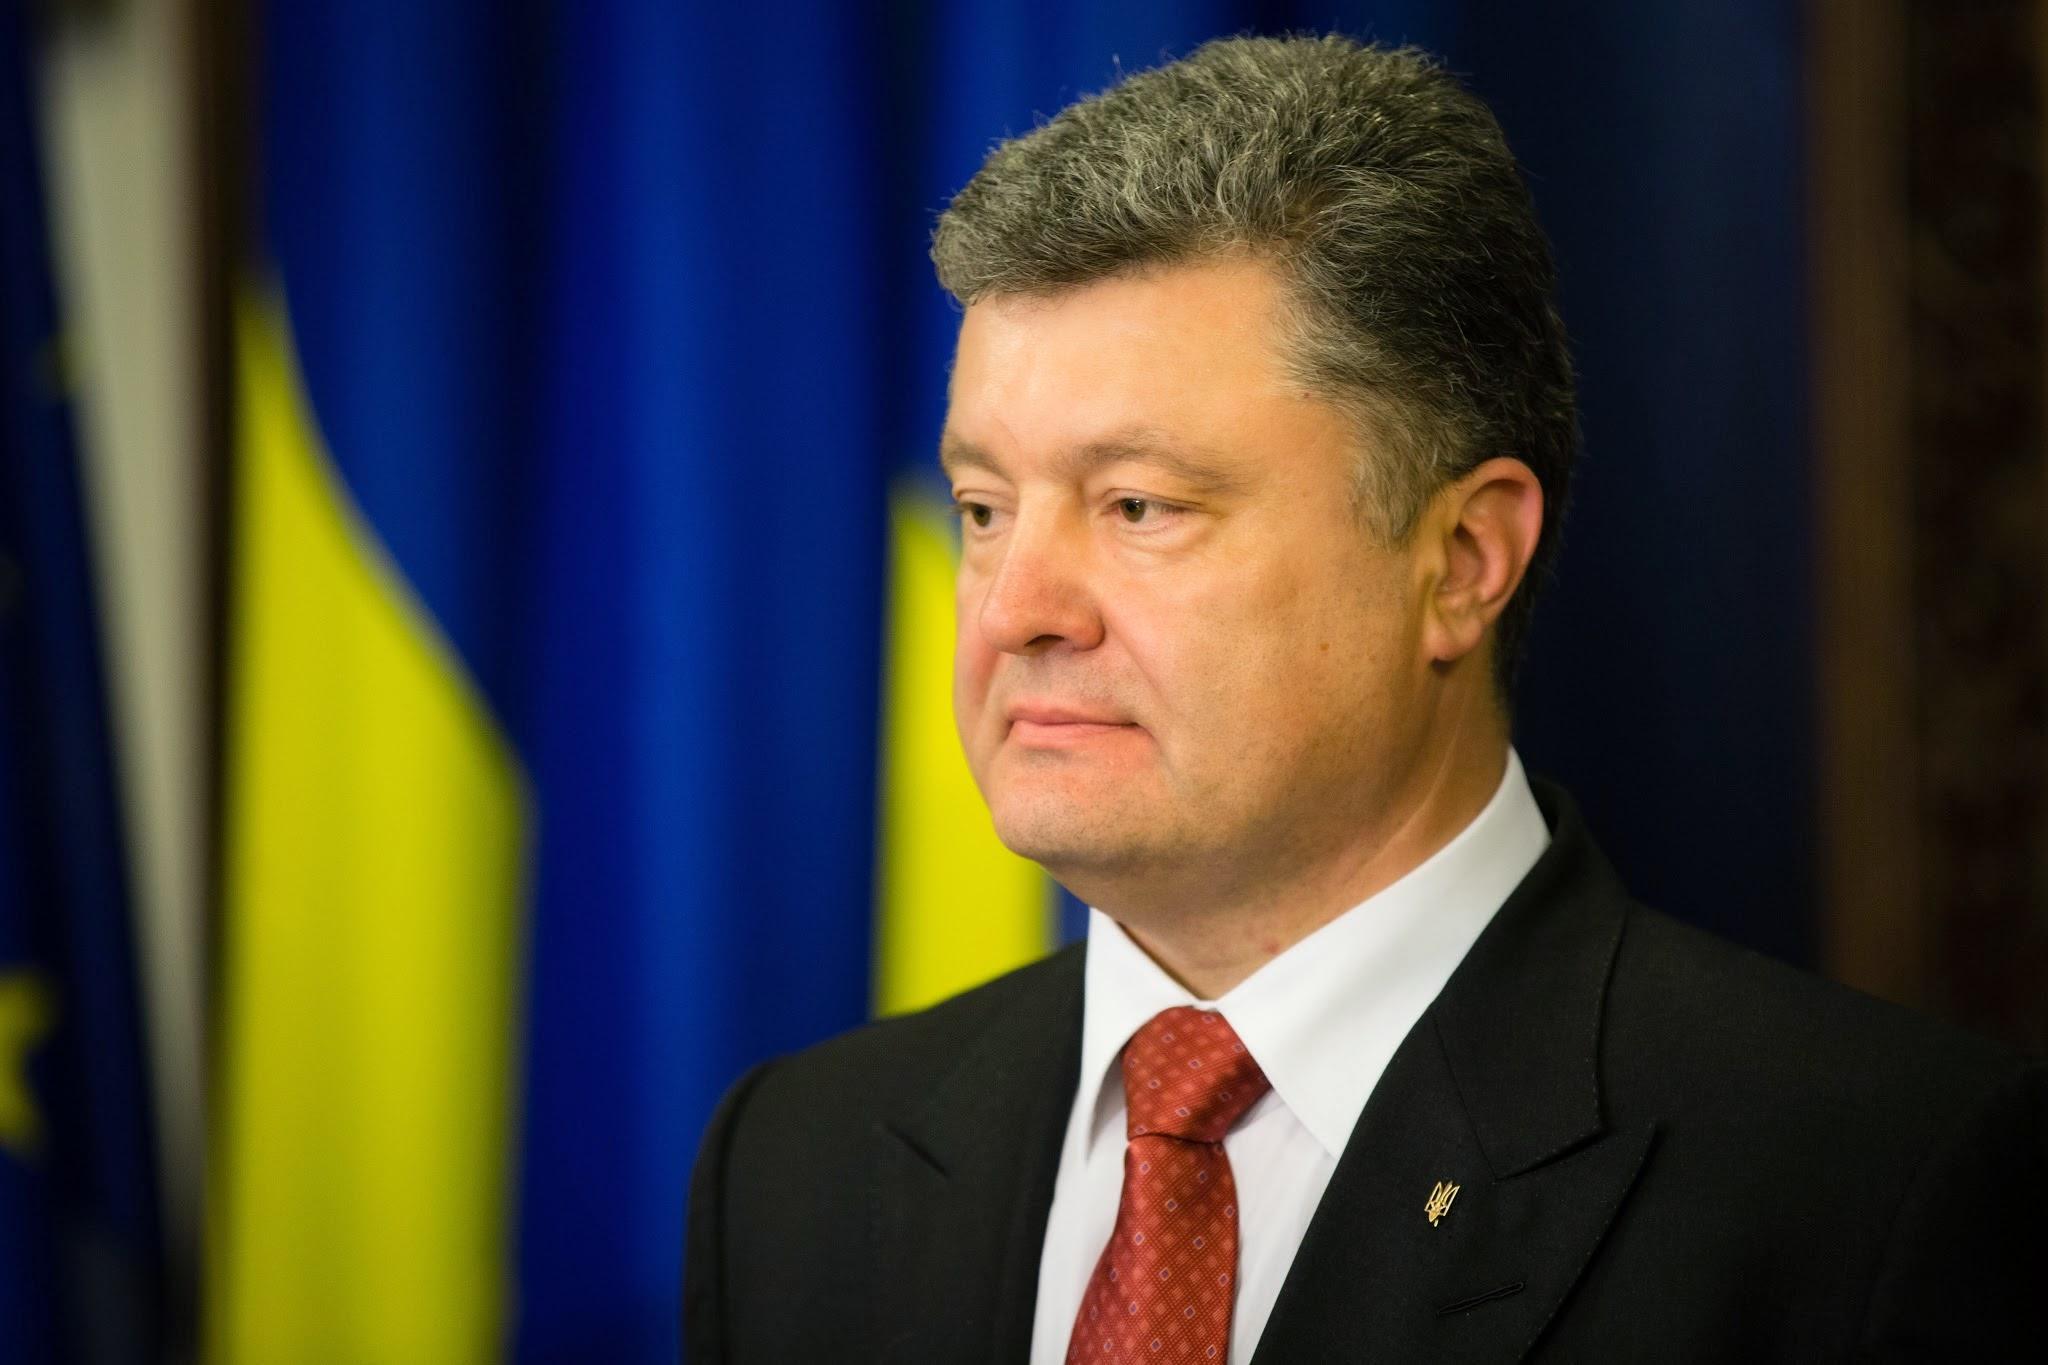 """Президент Украины Порошенко просто """"разорвал"""" Россию, потому что на фоне Путина он настоящий эталон правды, - Михайленко"""